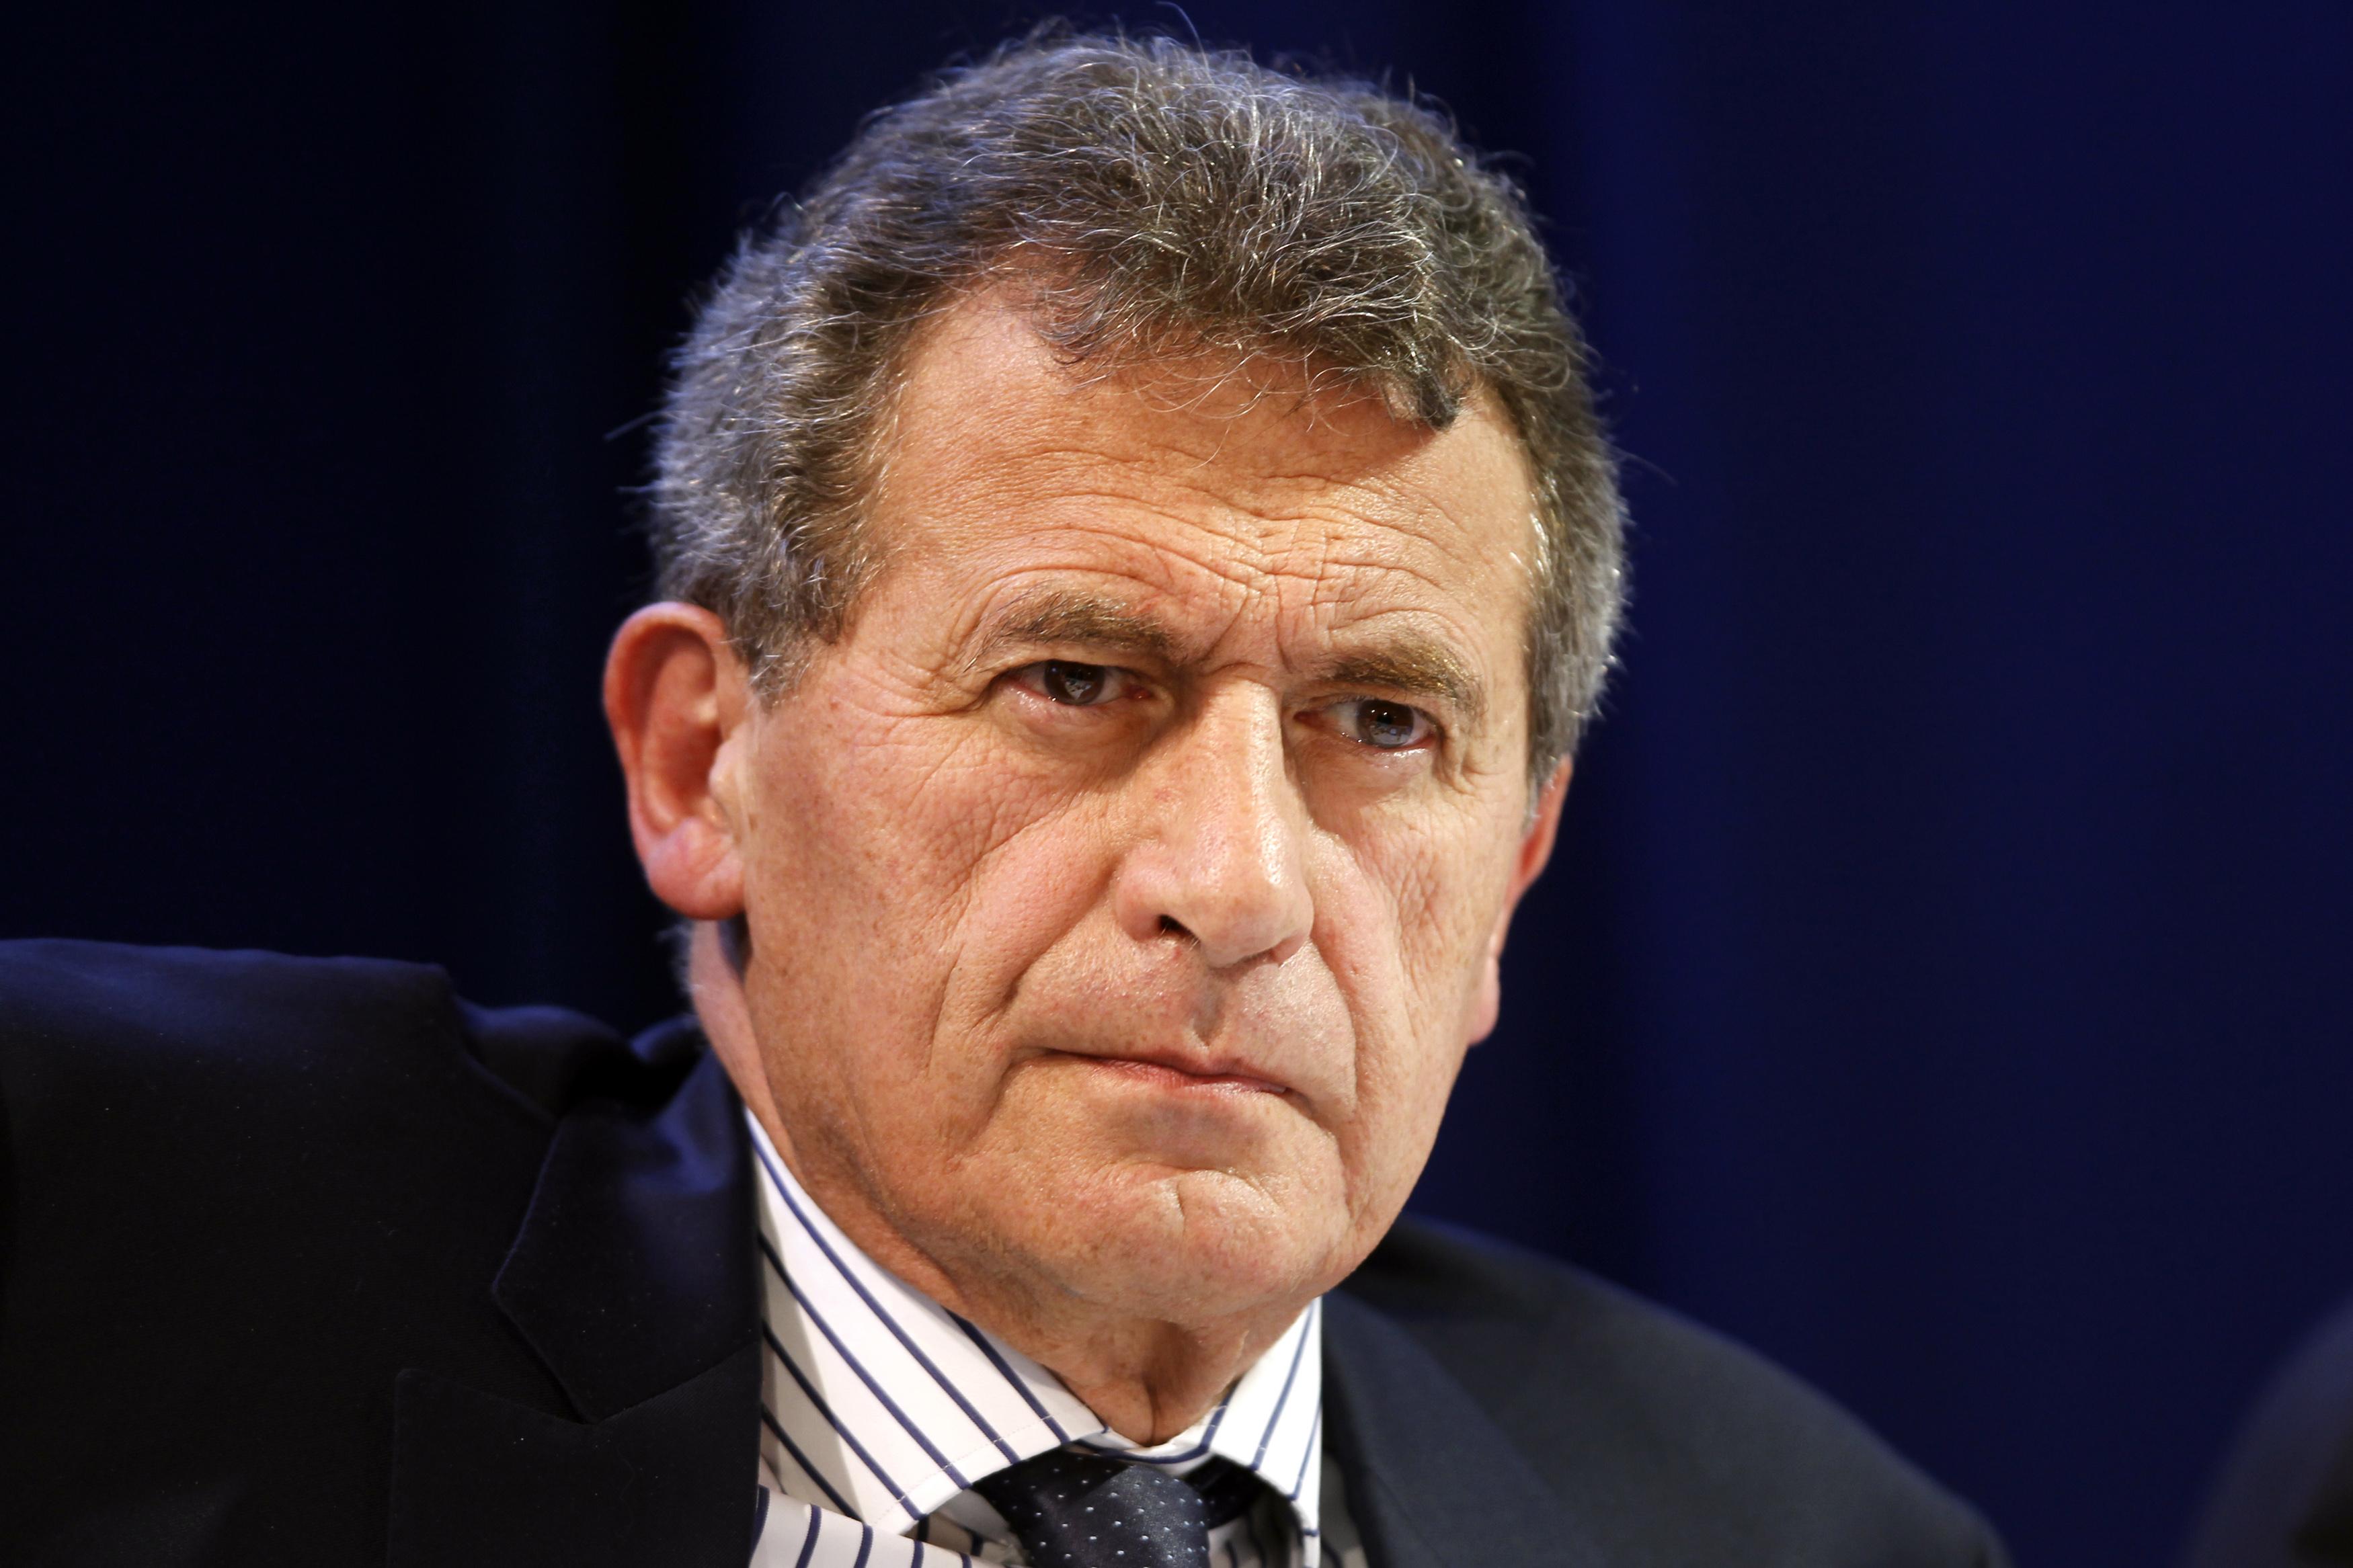 Air France-KLM : « L'État néerlandais doit se retirer du capital d'Air France-KLM » (Spinetta)